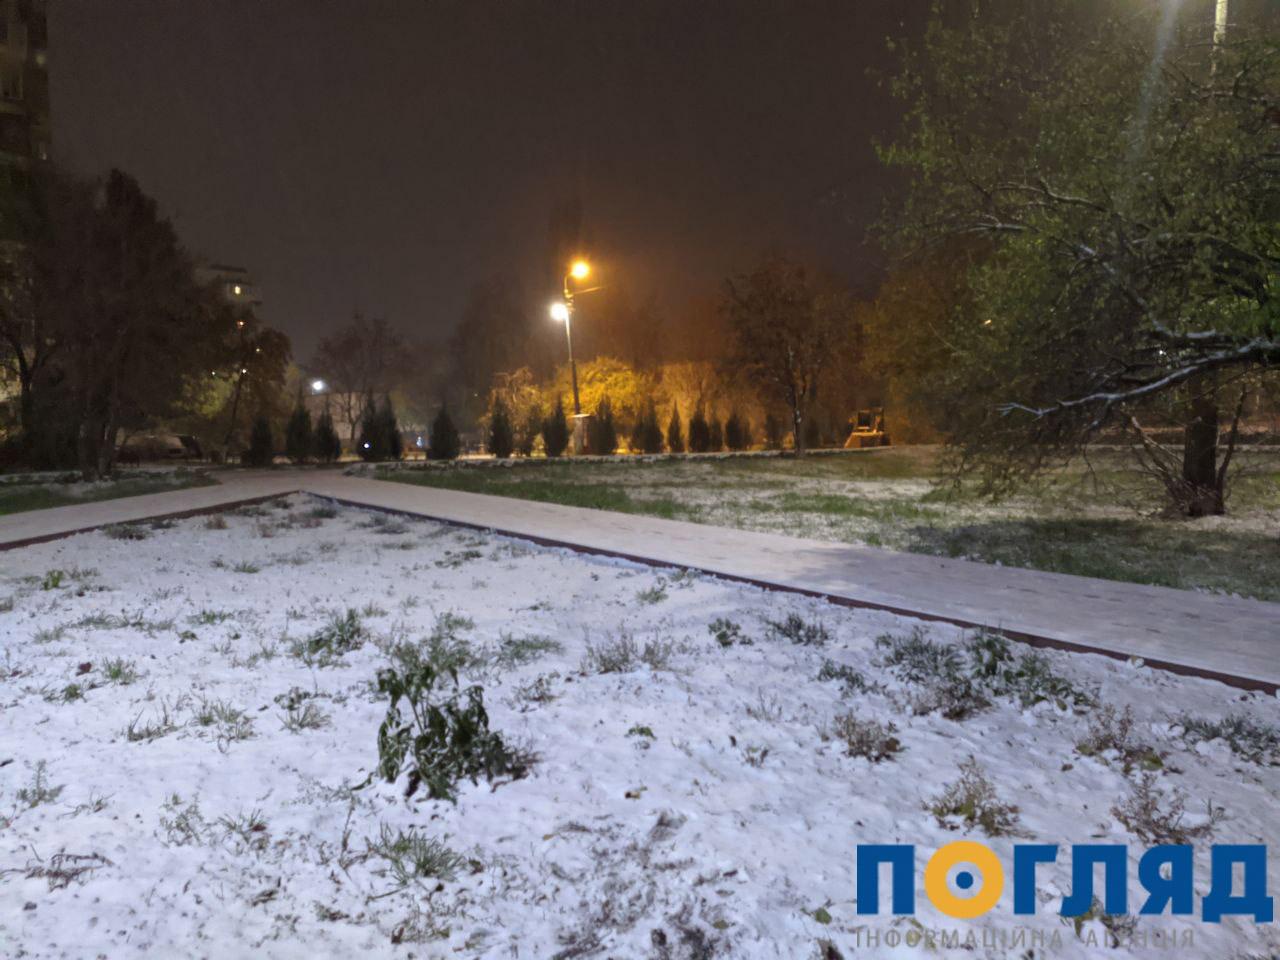 19 січня морози на Київщині не відступлять - прогноз погоди, погода, морози, Мороз, Зима - 17 sneg obuhov